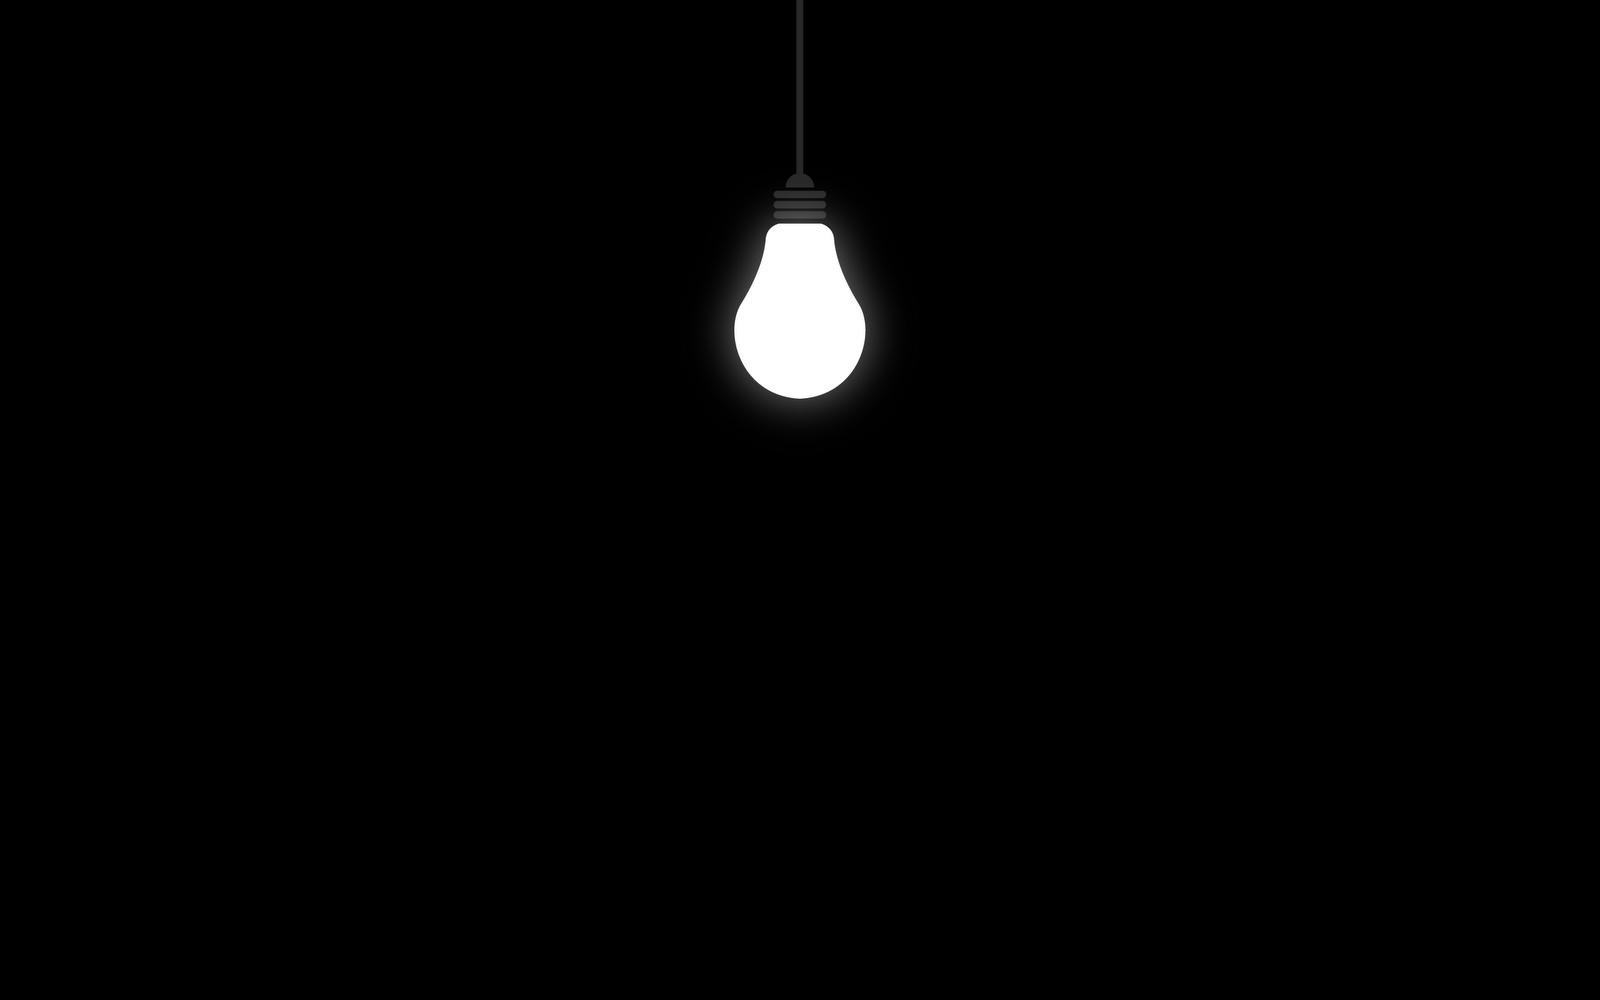 http://4.bp.blogspot.com/_XxI1hBl8el0/TTWkLqd0QKI/AAAAAAAACjA/iCPx5YMj36s/s1600/Lightbulb+wallpaper.png